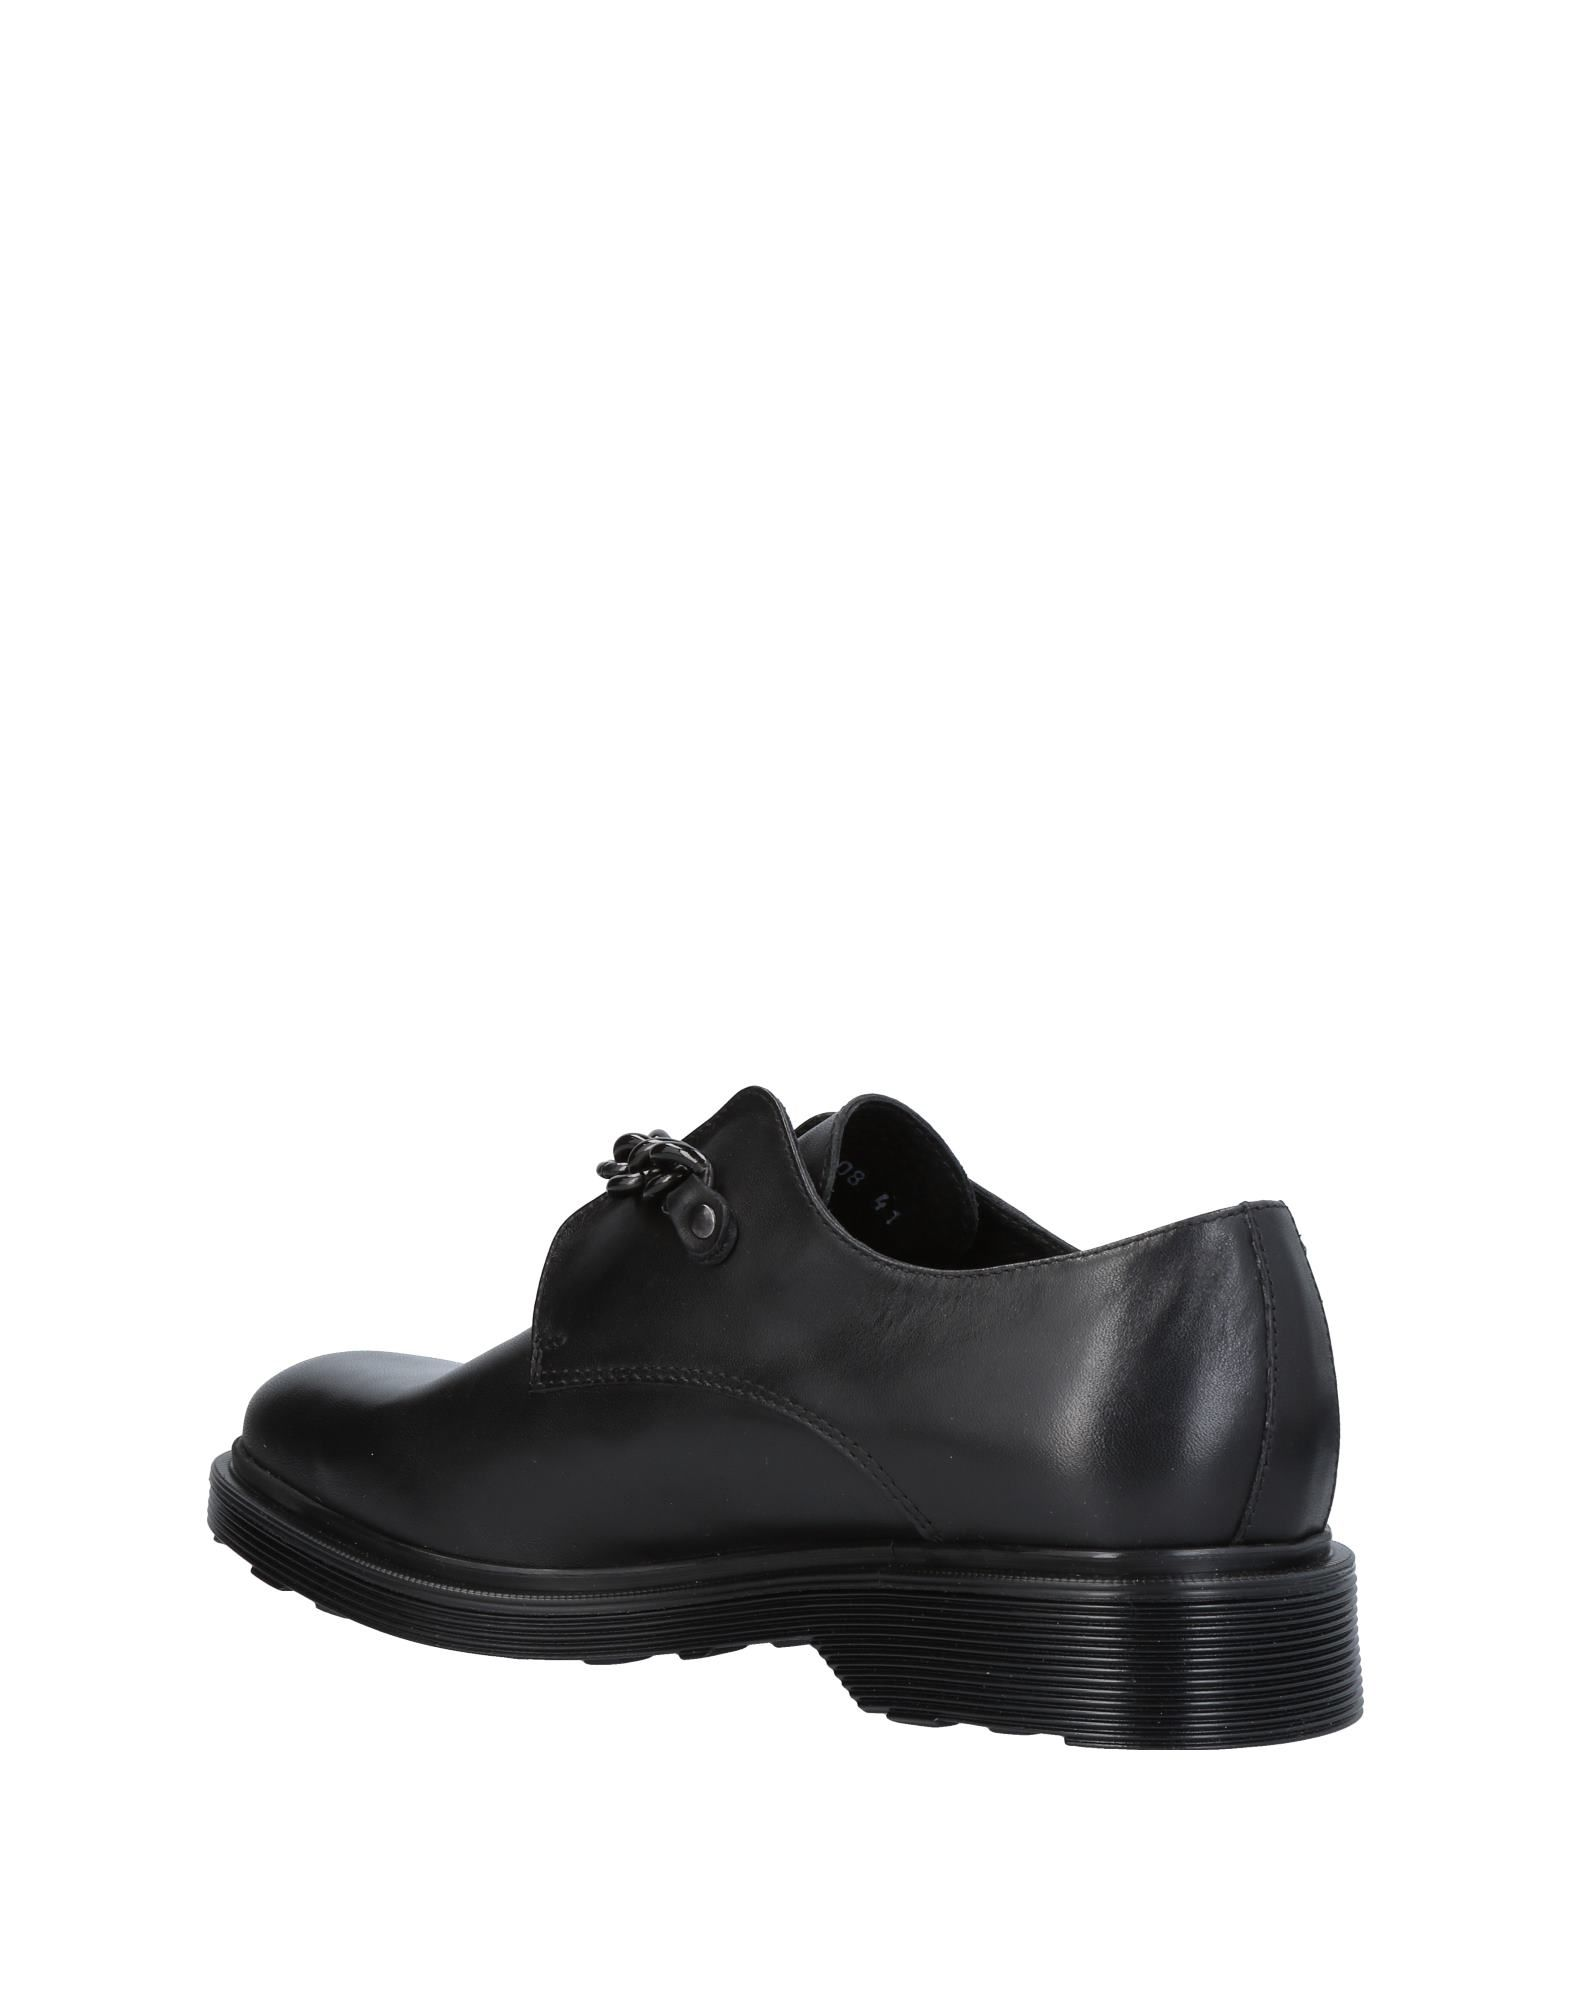 Cult Mokassins Schuhe Herren  11419198QN Heiße Schuhe Mokassins 6f8cc2